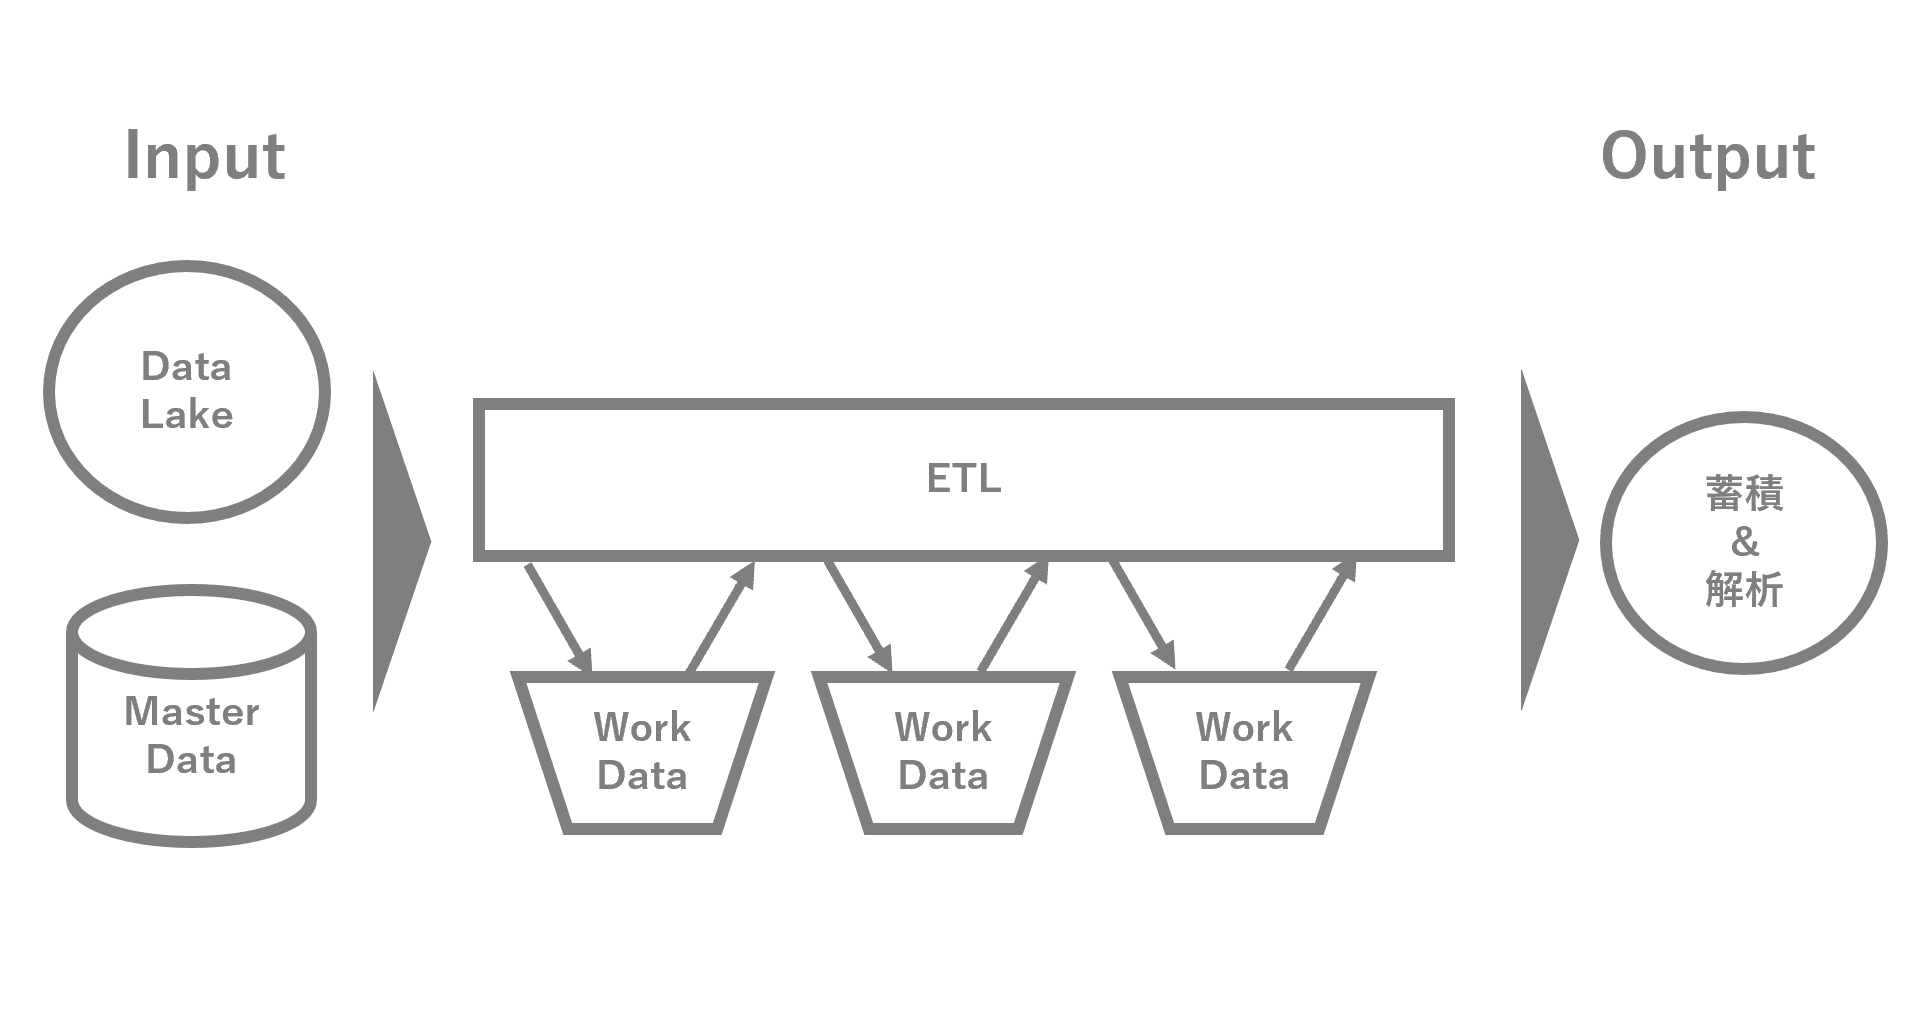 5TB/日 のデータをAWS Glueでさばくためにやったこと(概要編